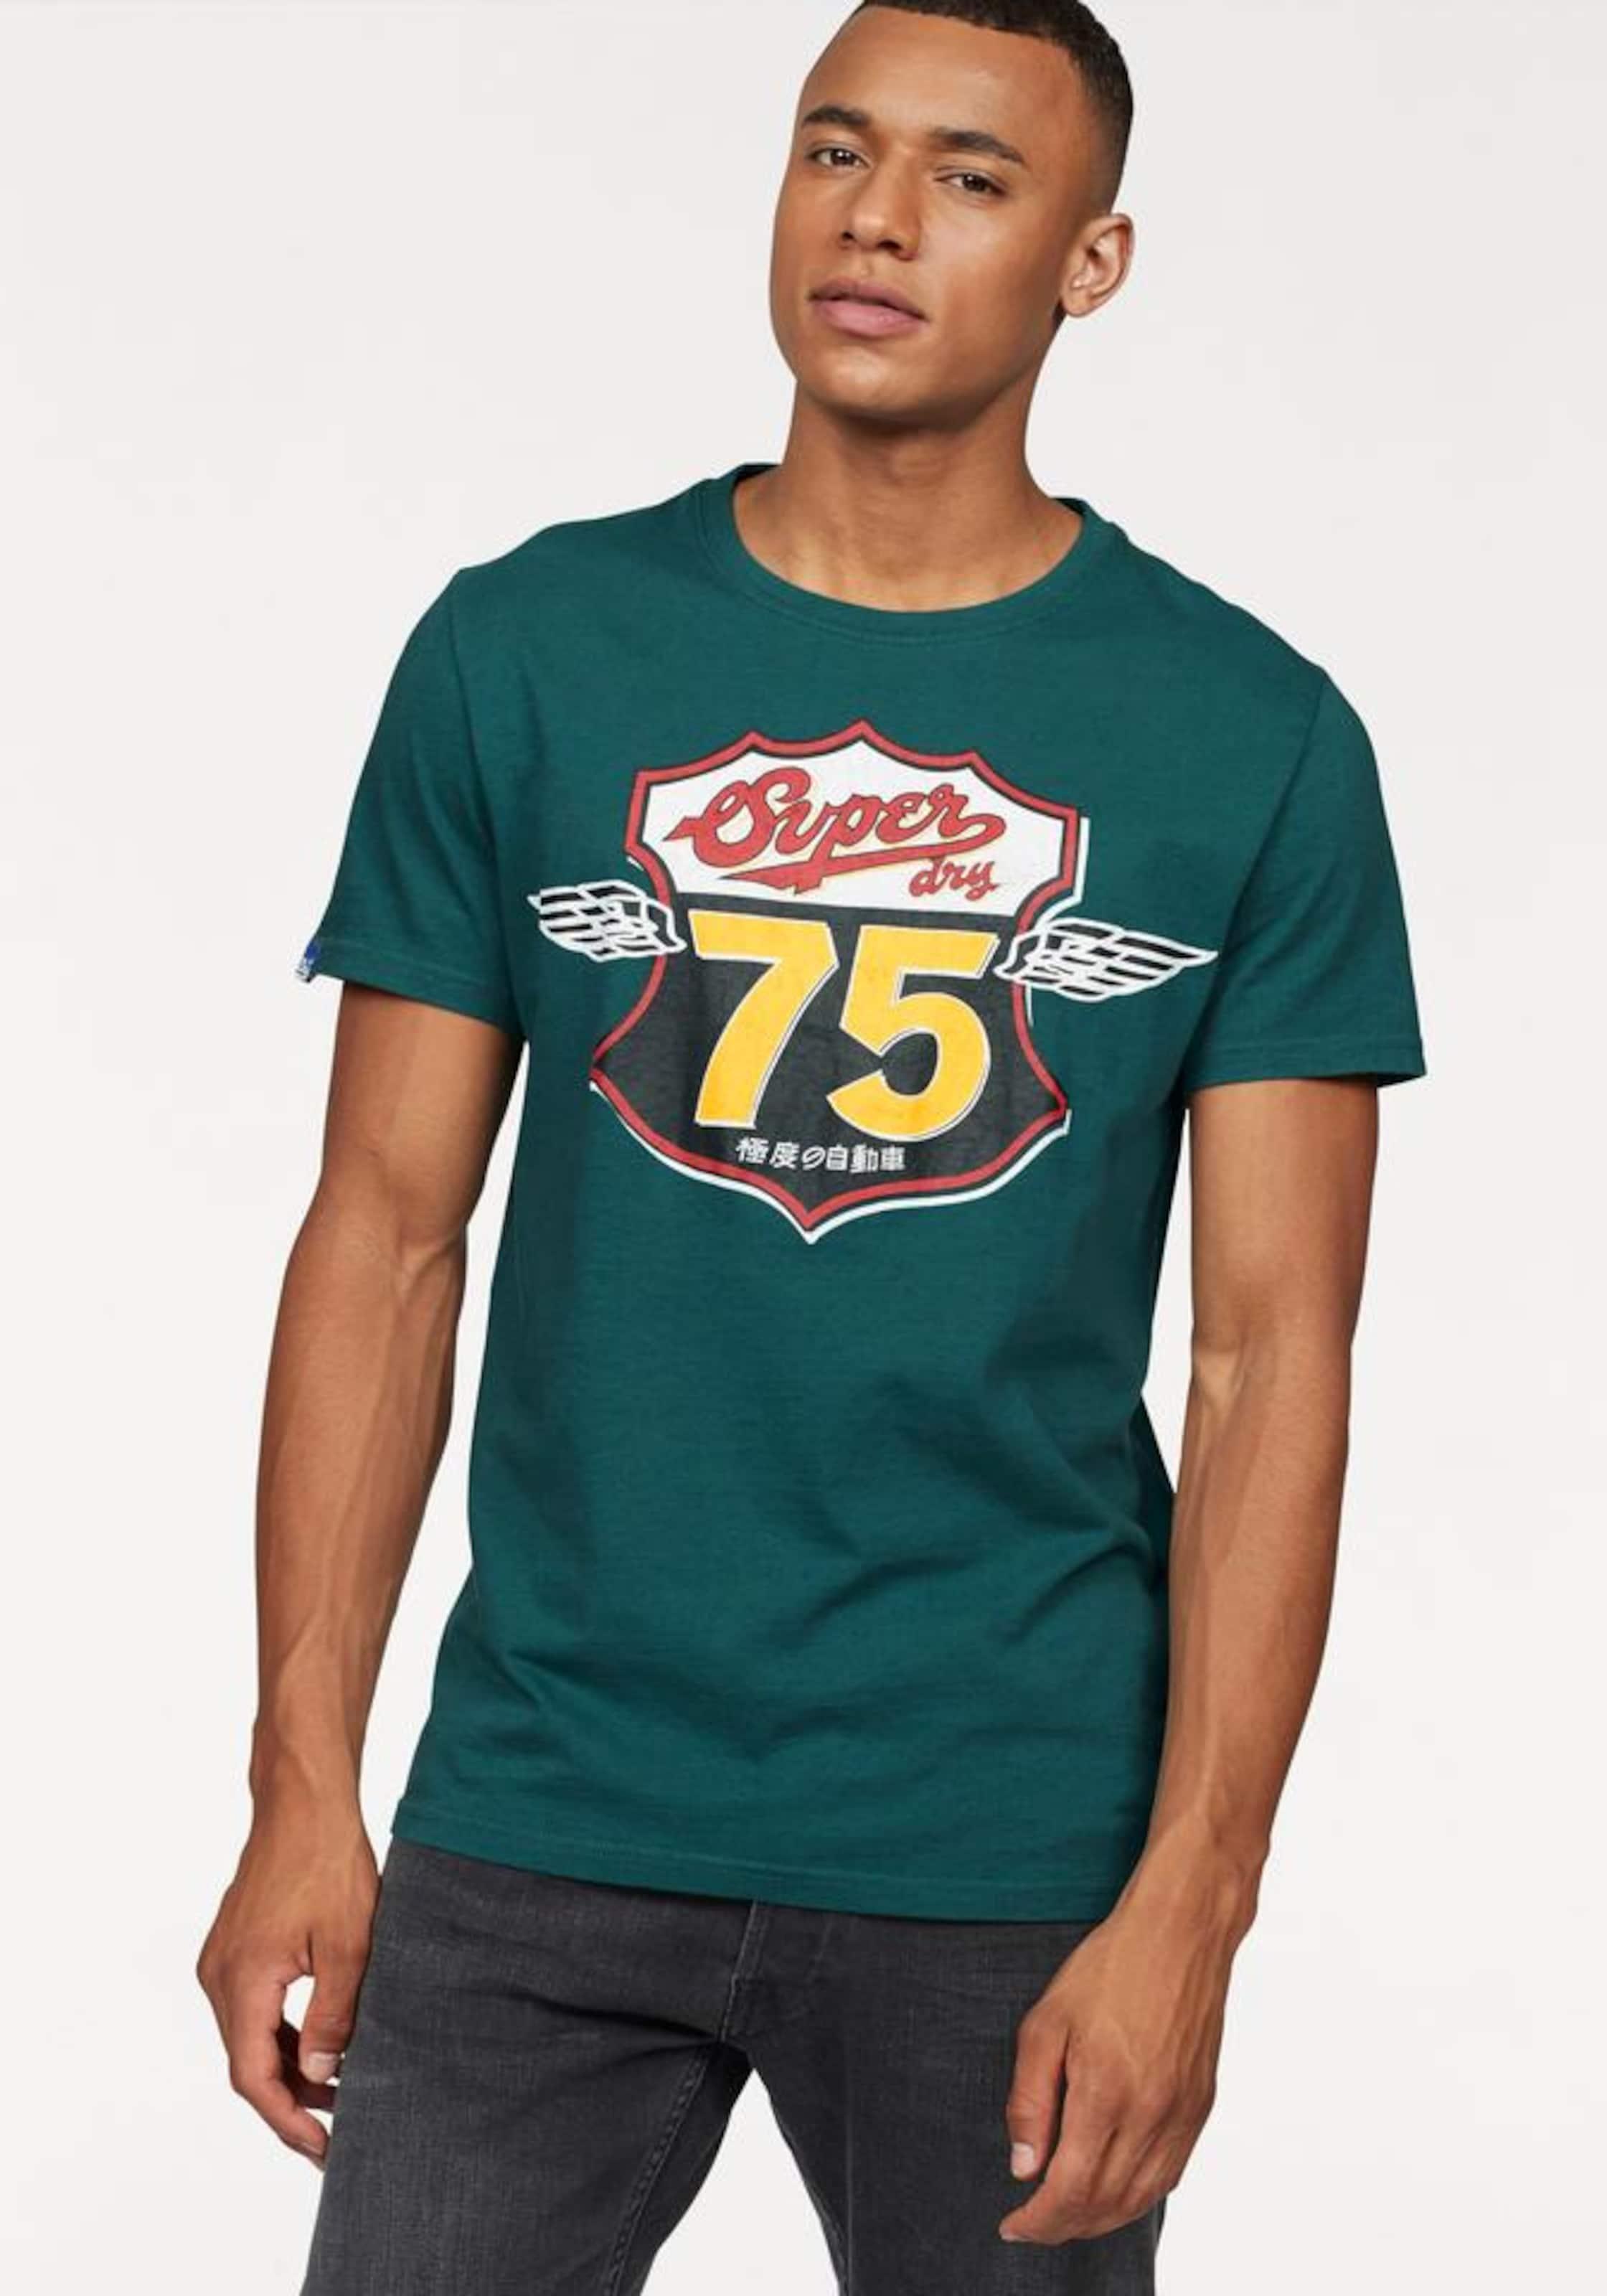 Billig Verkauf Angebote Freies Verschiffen Niedrig Versandkosten Superdry Superdry T-Shirt 'REWORKED CLASSIC TEE' Günstig Kaufen Offizielle Seite S88MnPnTB